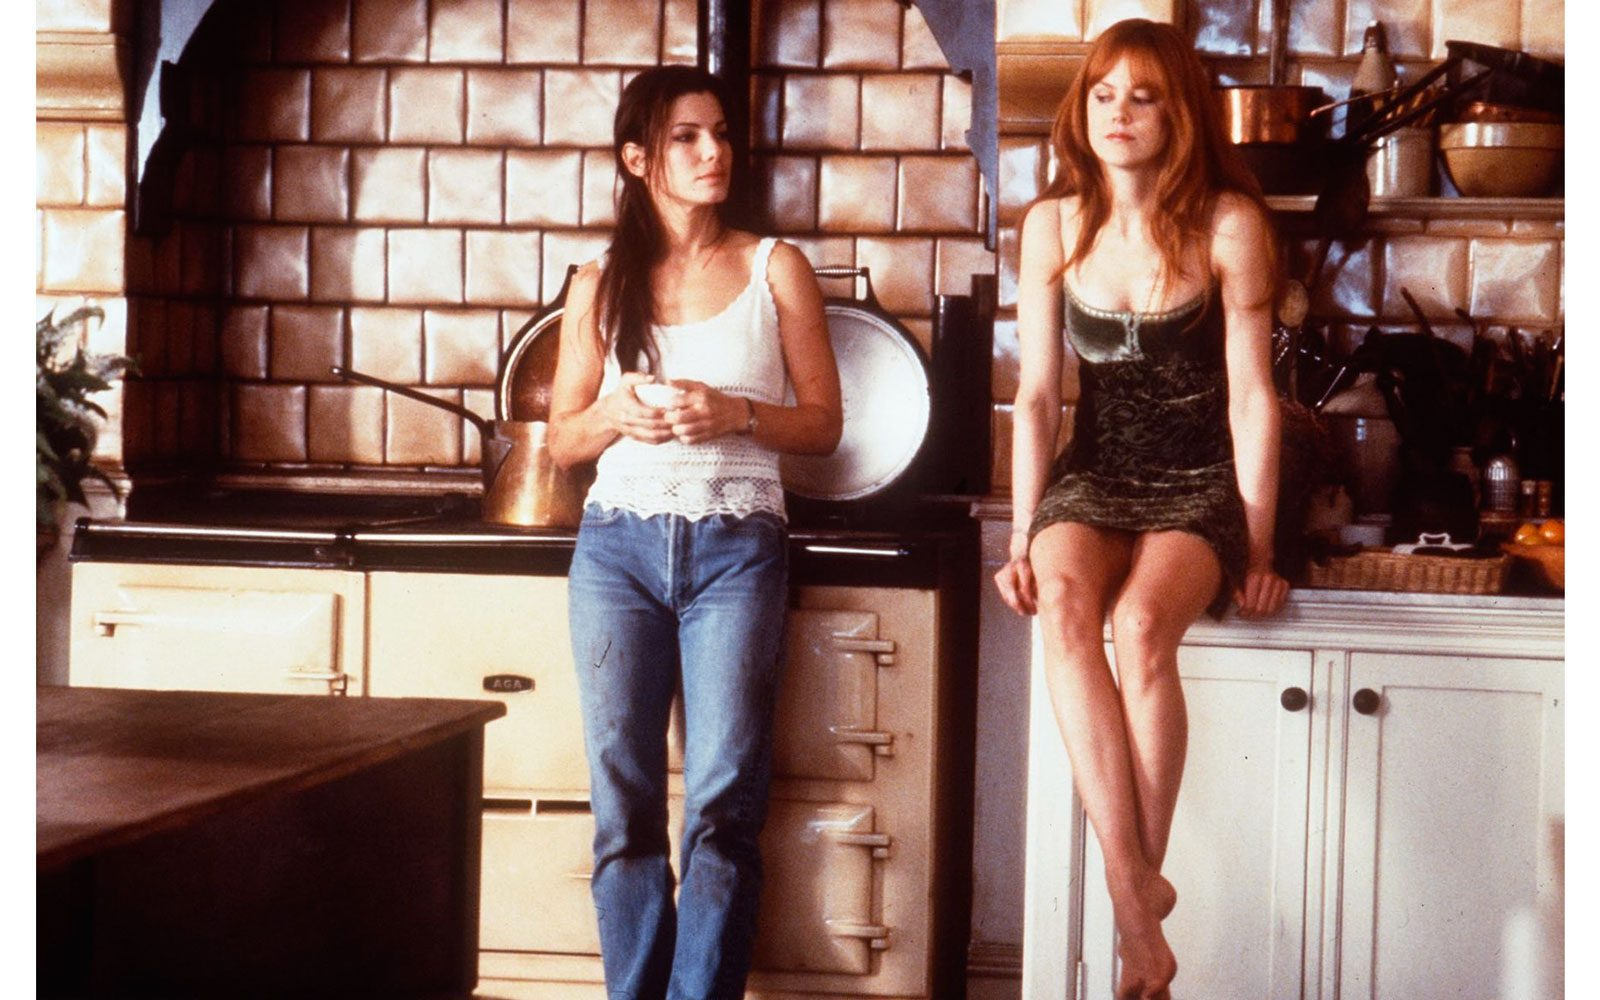 """""""Amori e incantesimi"""" (1998) Frangetta, capelli lunghi, dritti e rosso fuoco, è una streghetta accanto a Sandra Bullock"""